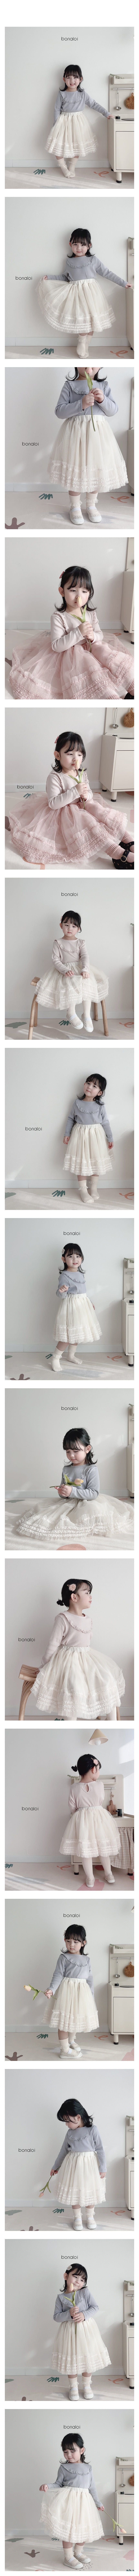 BONALOI - Korean Children Fashion - #Kfashion4kids - Coucher Mesh Skirt